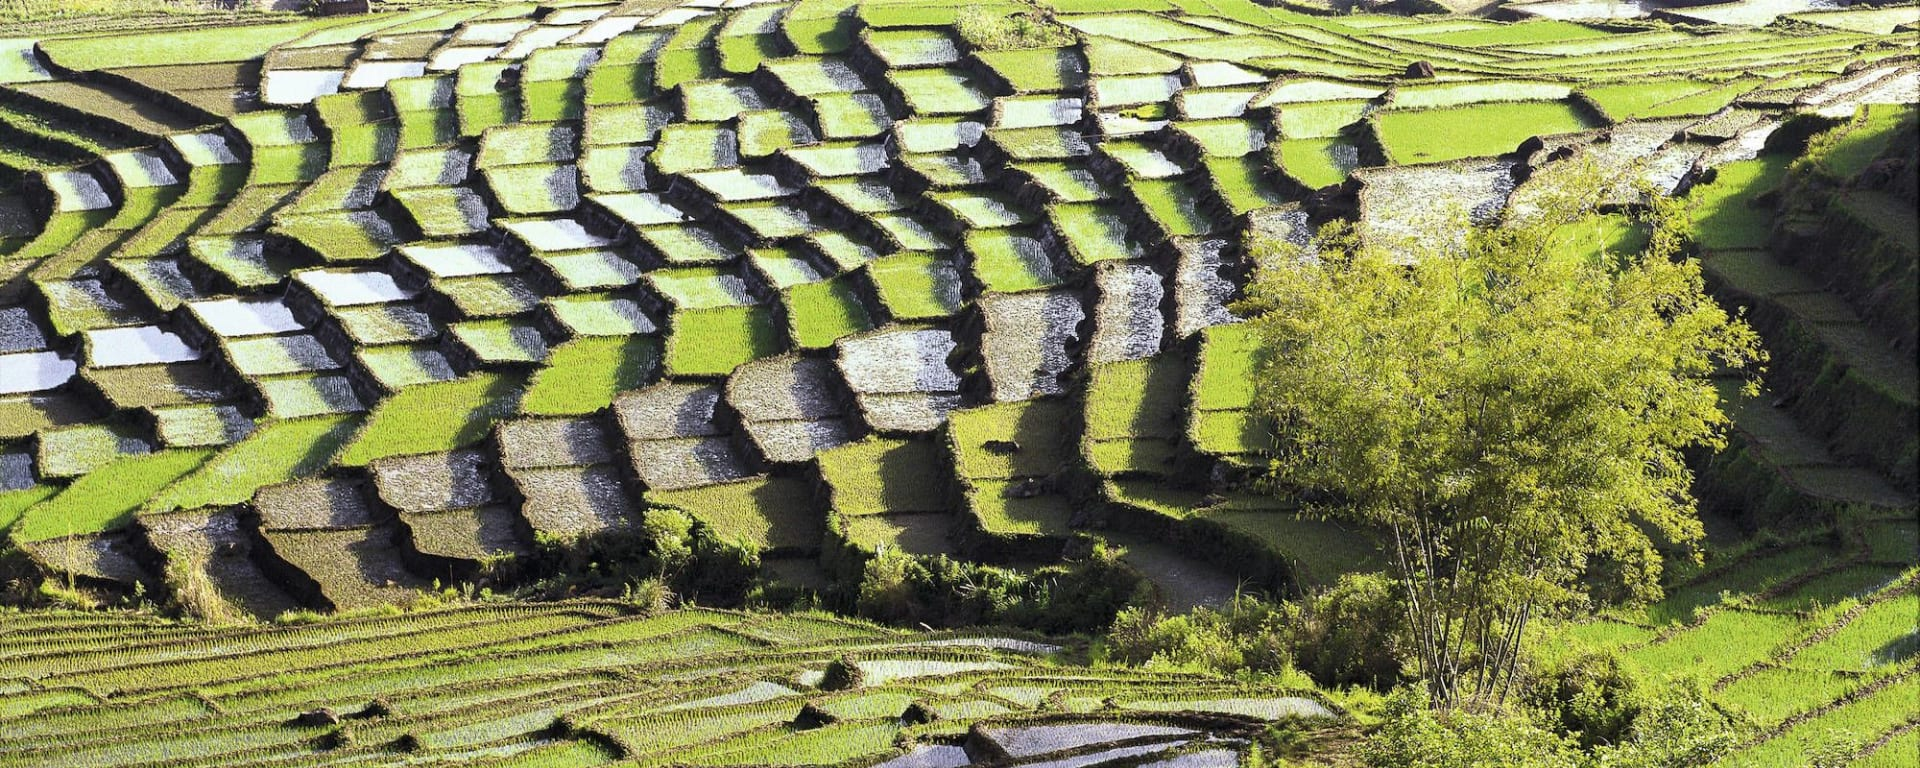 Flores - traditions, moeurs et volcans de Ende: Flores Ruteng Spiderweb rice field